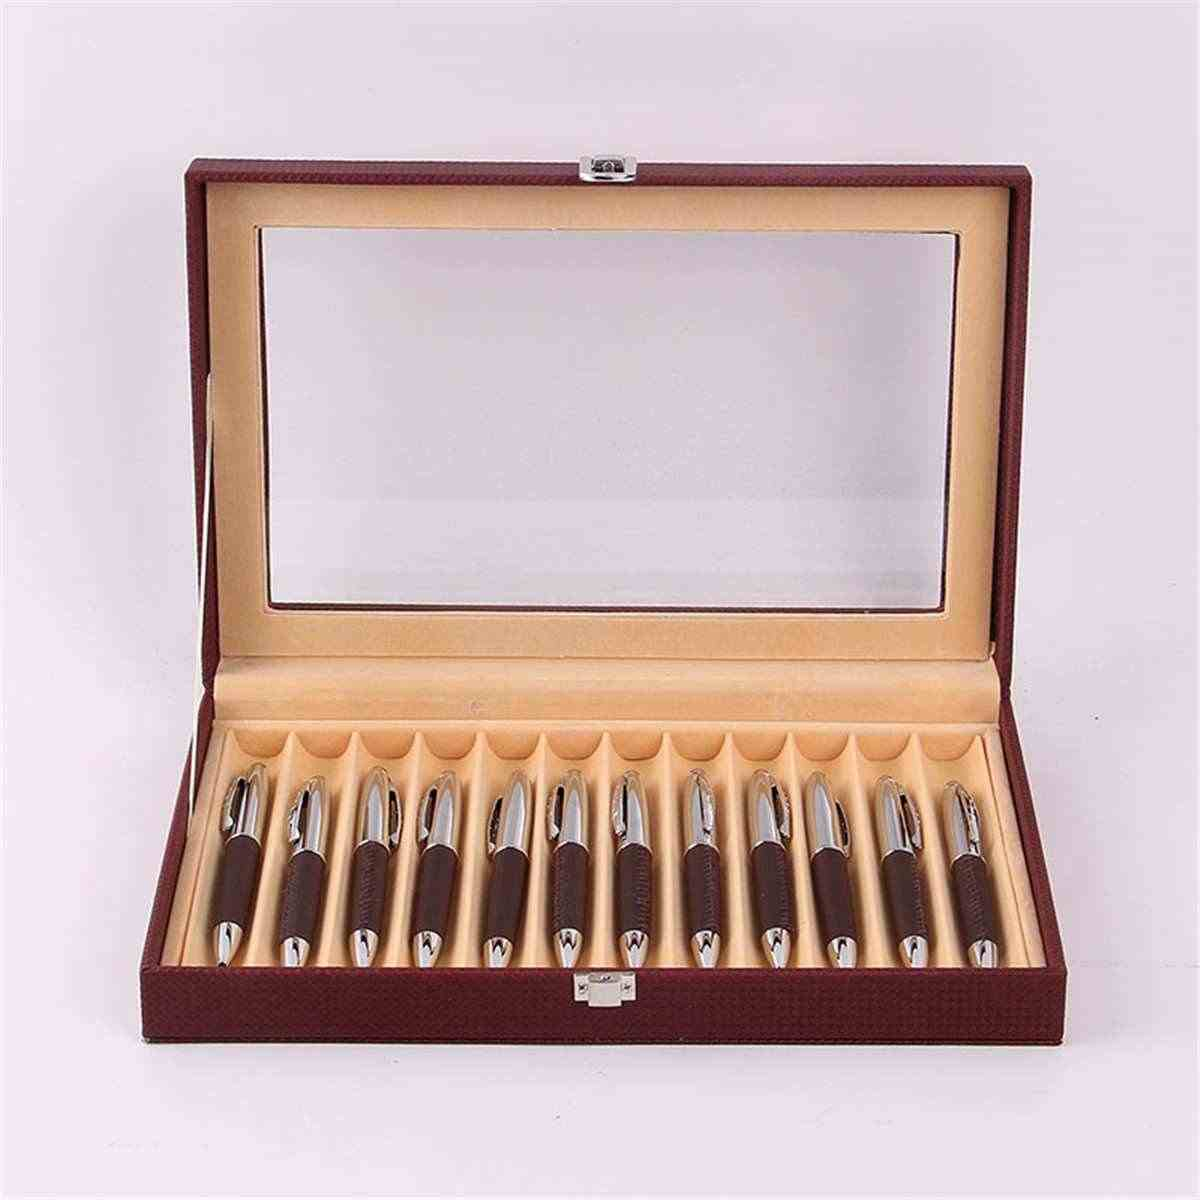 12 ручка PU кожаный чехол для ручек футляр для демонстрации держатель ручки Органайзер коробка с прозрачным окном винно-красный черный